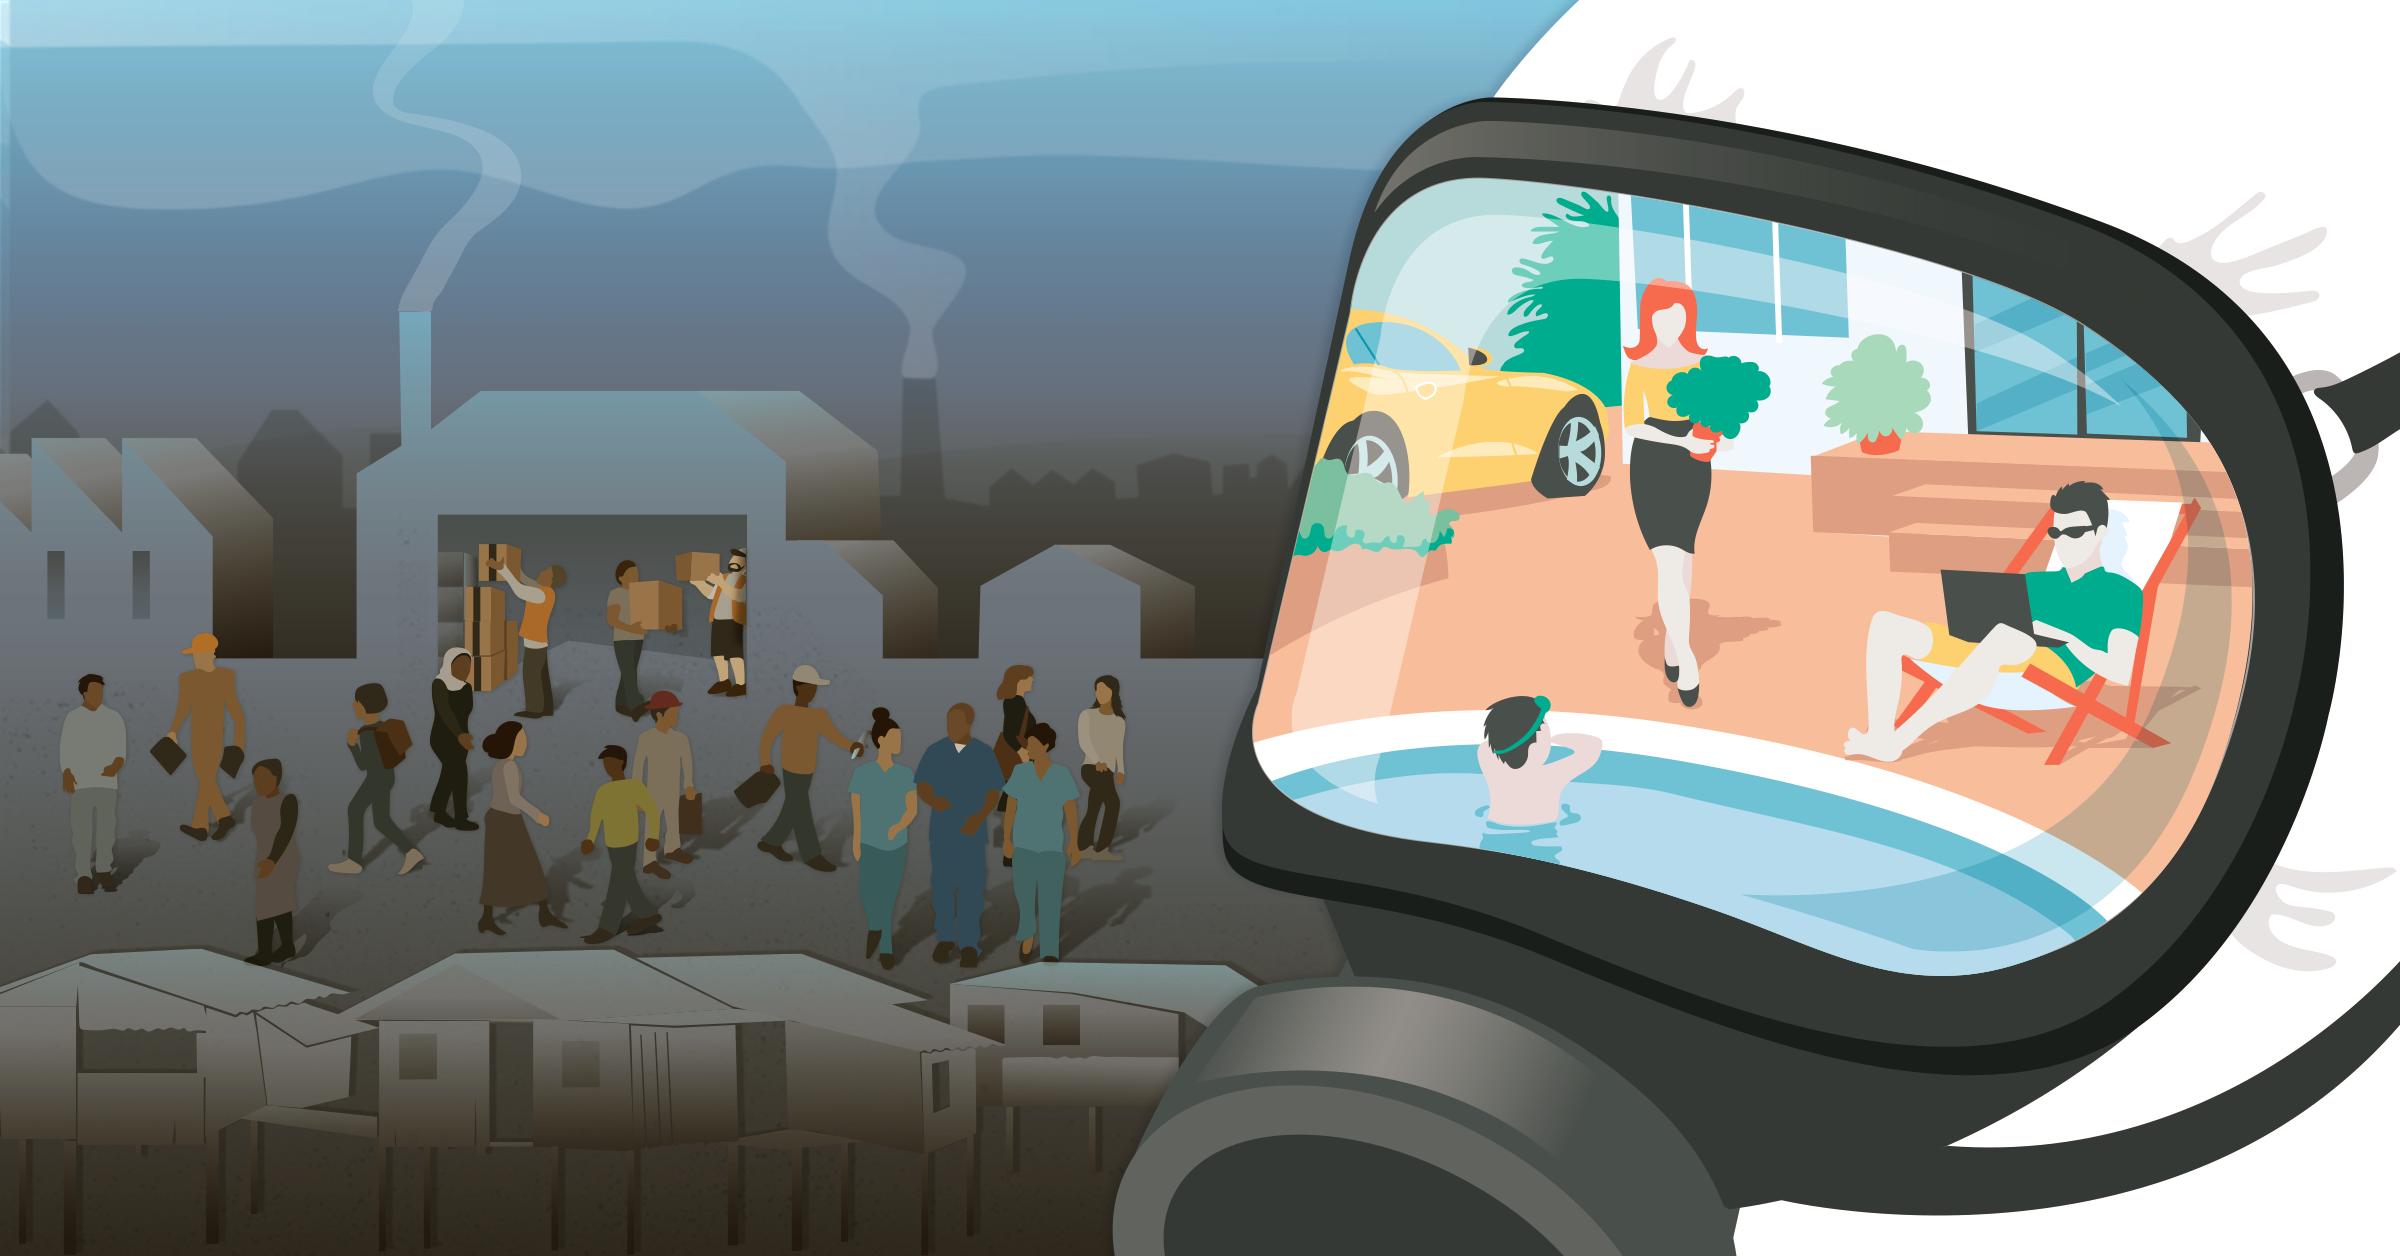 Hazmat suit face mask swimming pool inequality illustration